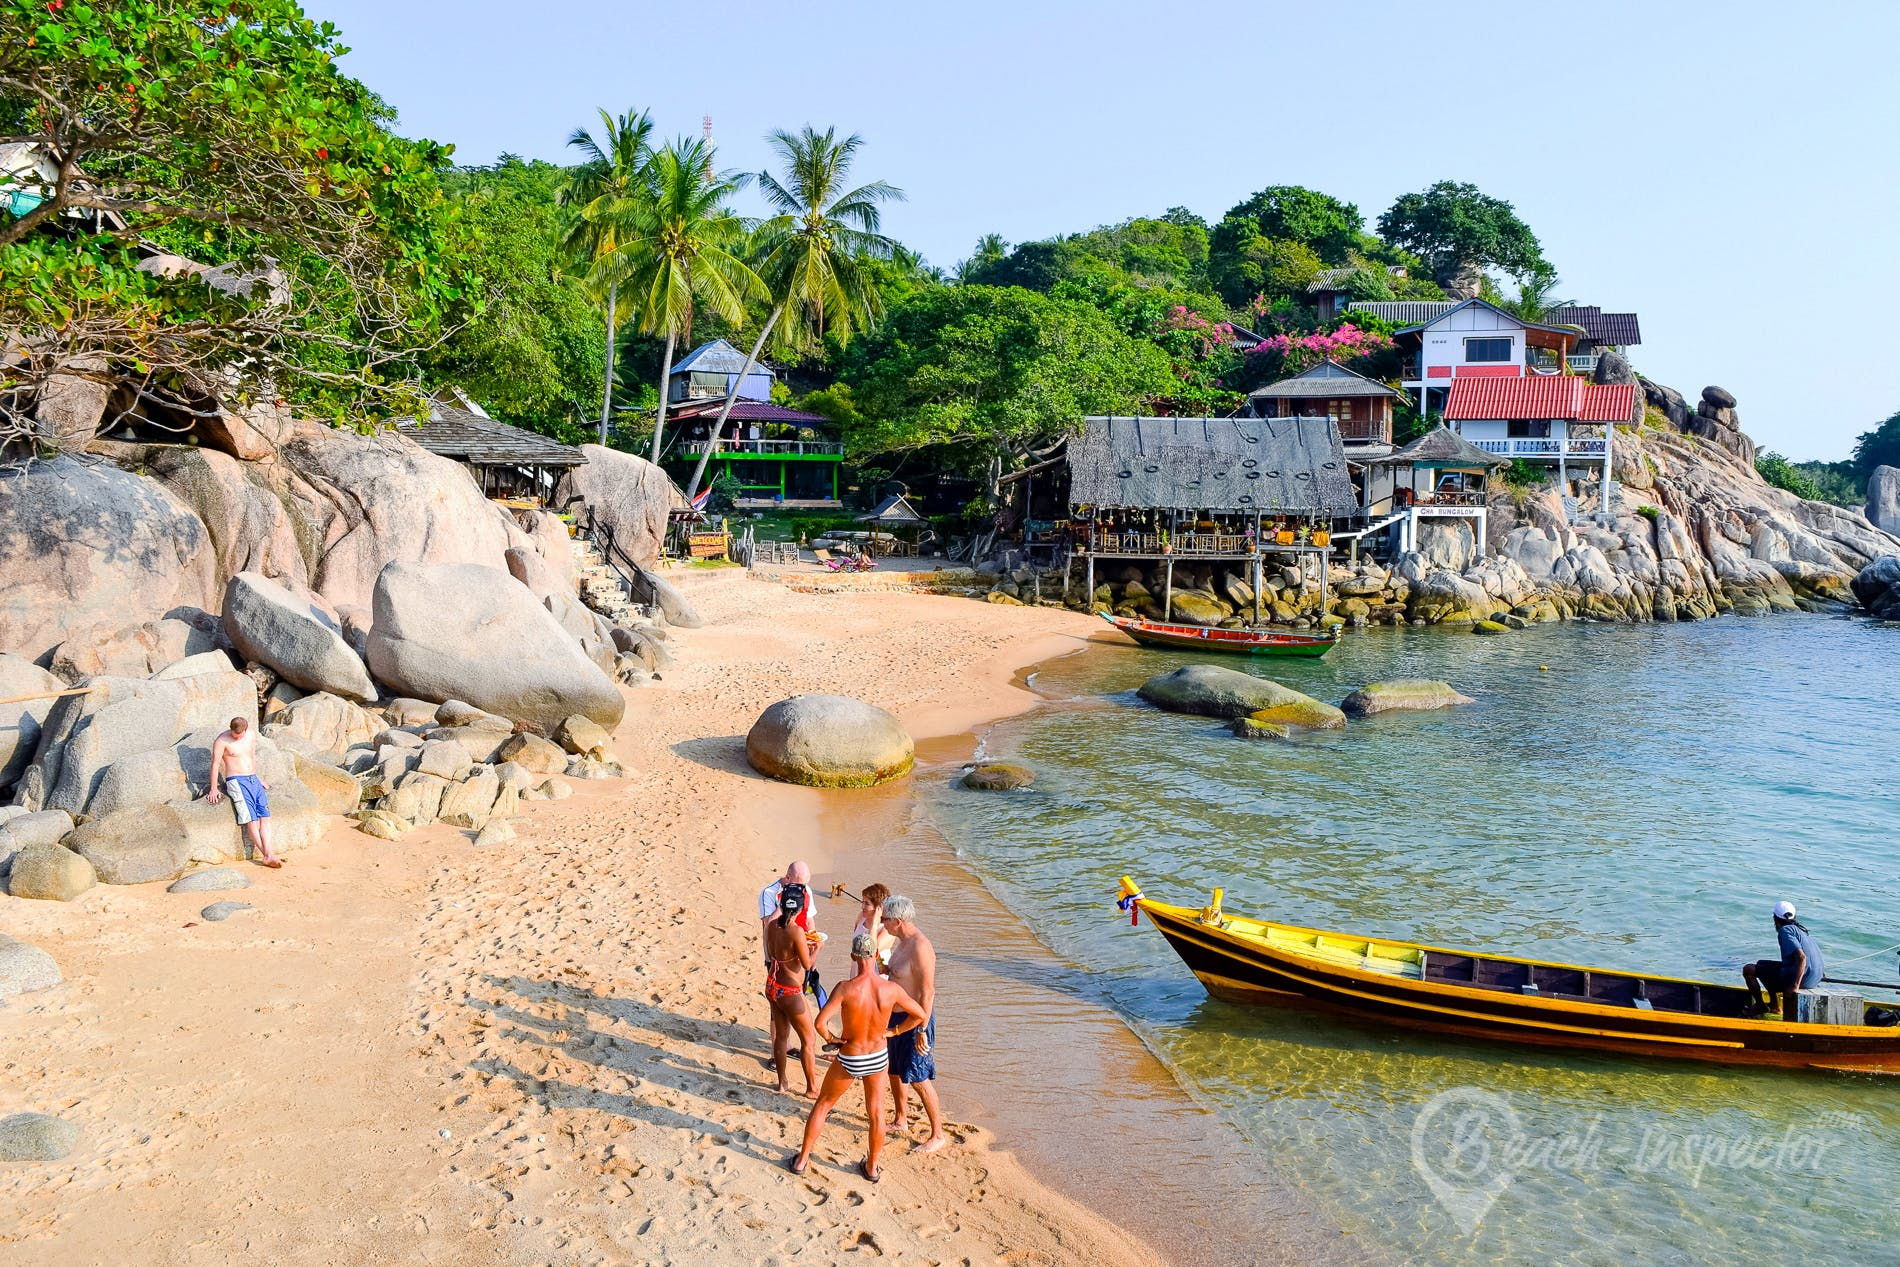 Beach Sai Nuan Beach, Koh Tao, Thailand